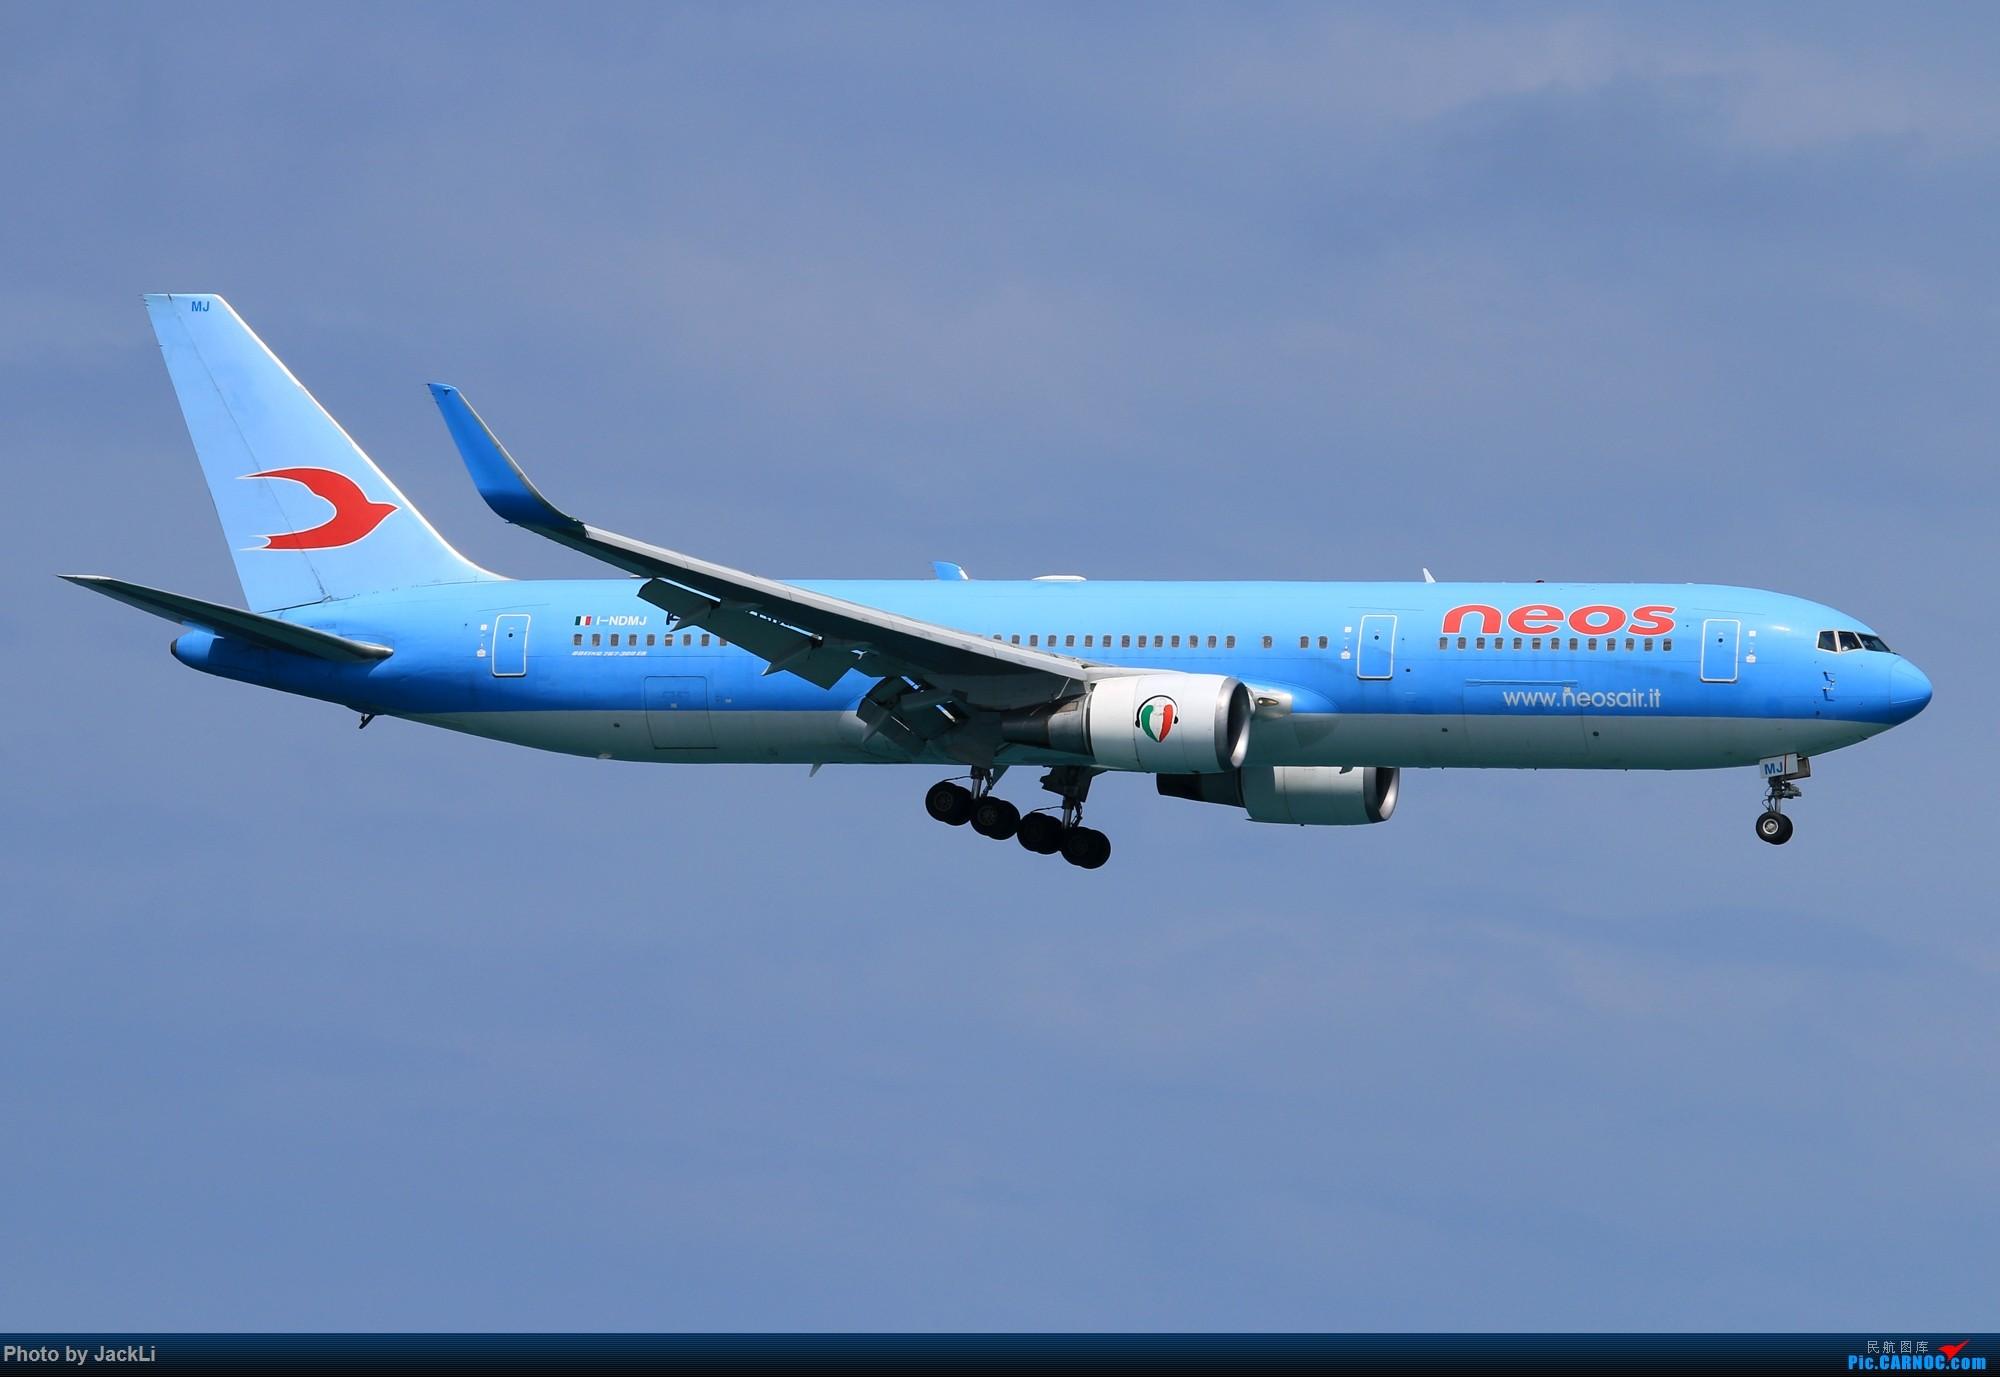 Re:[原创]【JackLi】亚洲圣马丁~普吉岛机场拍机 BOEING 767-300ER I-NDMJ 泰国普吉机场